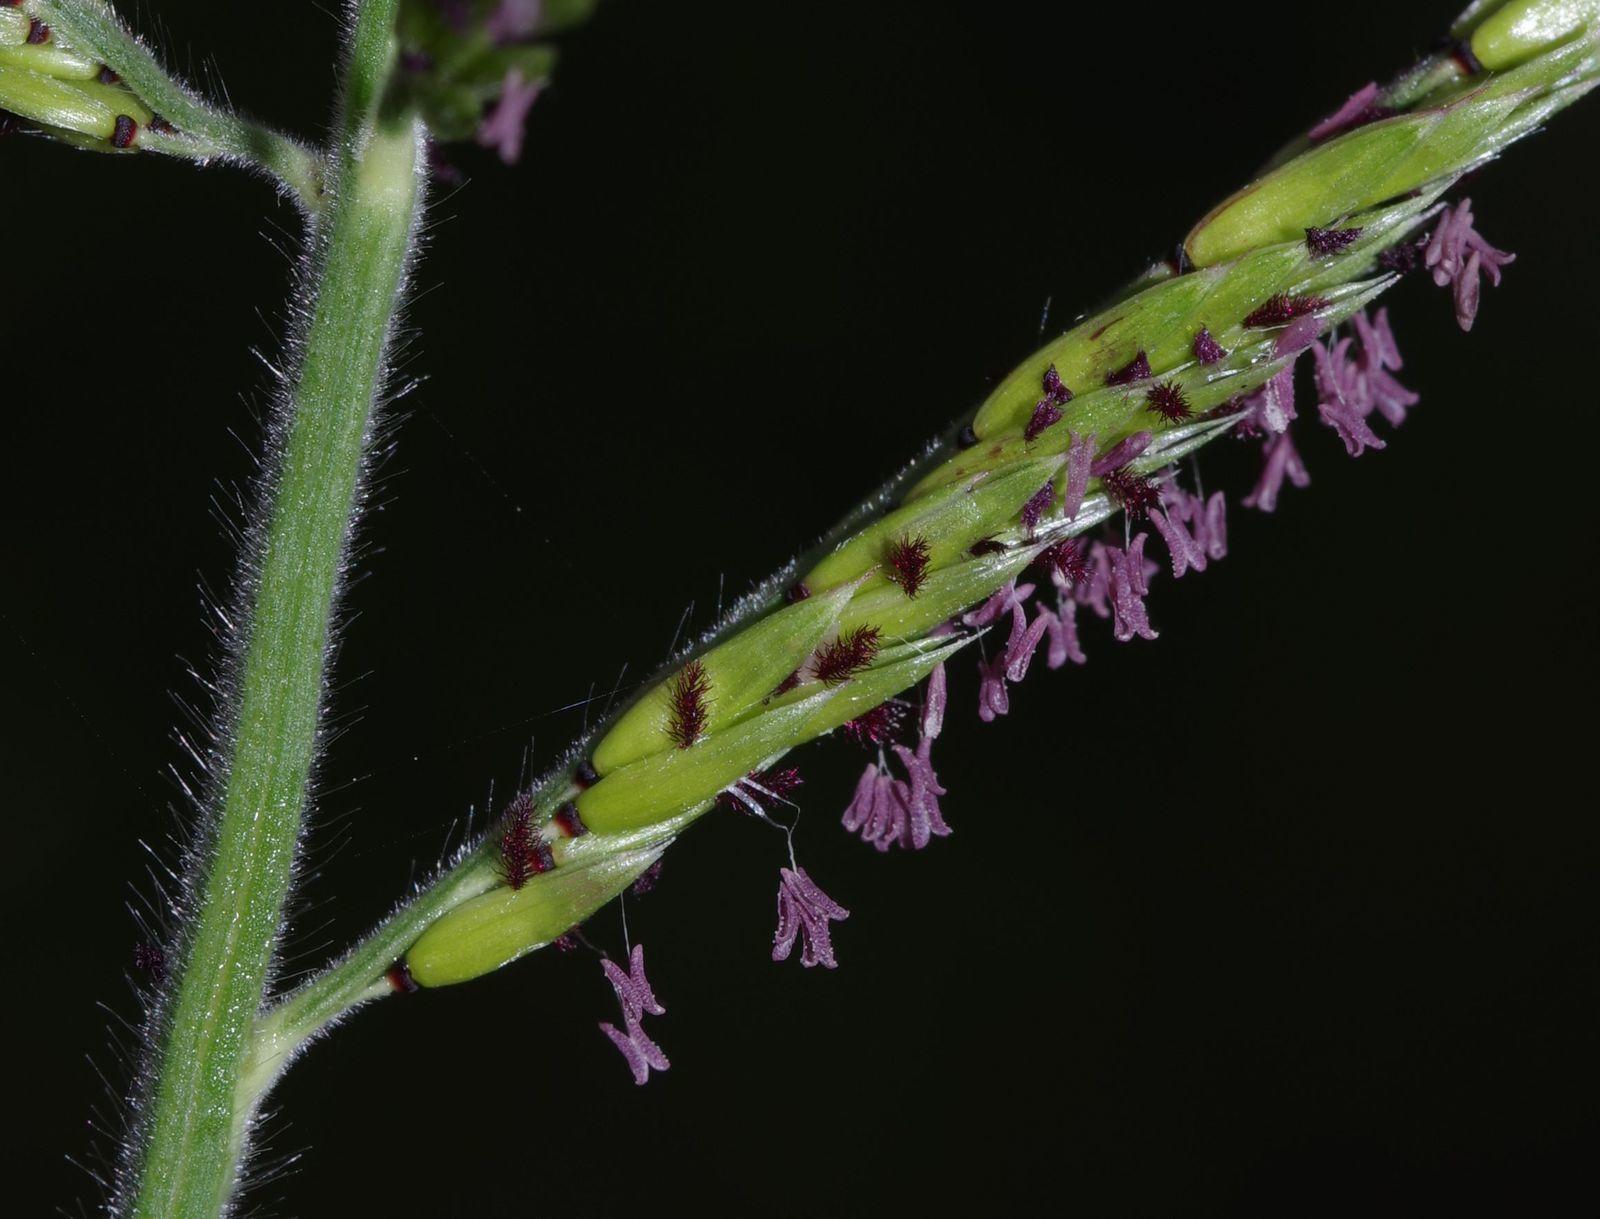 Eriochloa punctata